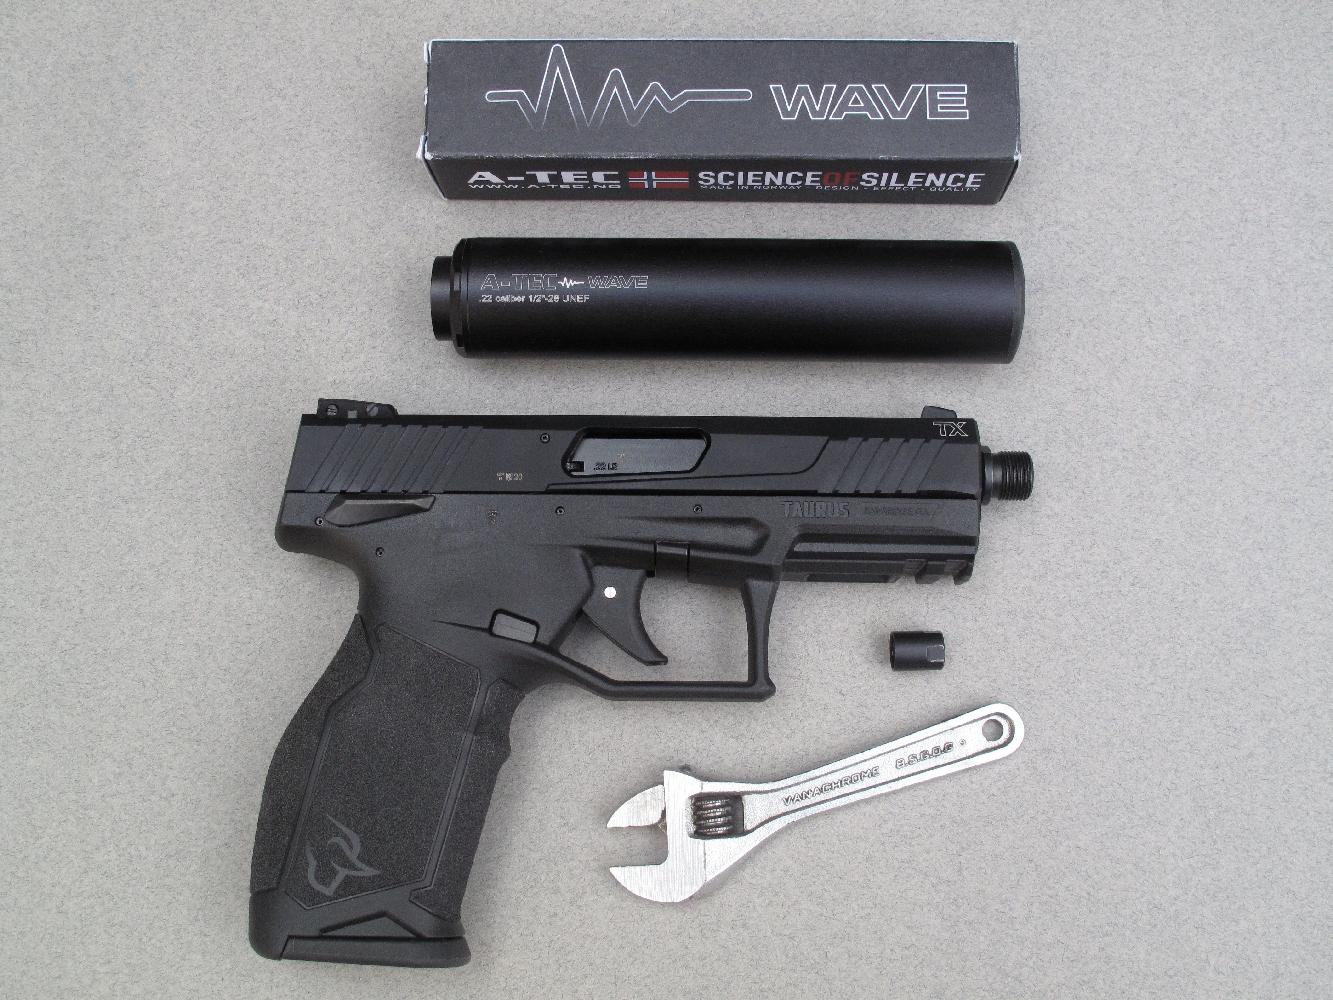 Nous avons équipé notre arme de test d'un silencieux « Wave » de la firme norvégienne A-TEC. Cette installation se fait par l'intermédiaire d'un adaptateur répondant à la norme « 1/2 – 28 UNEF », disponible en option. A noter que la petite clé à molette permettant d'effectuer cette opération n'est pas fournie avec le pistolet.